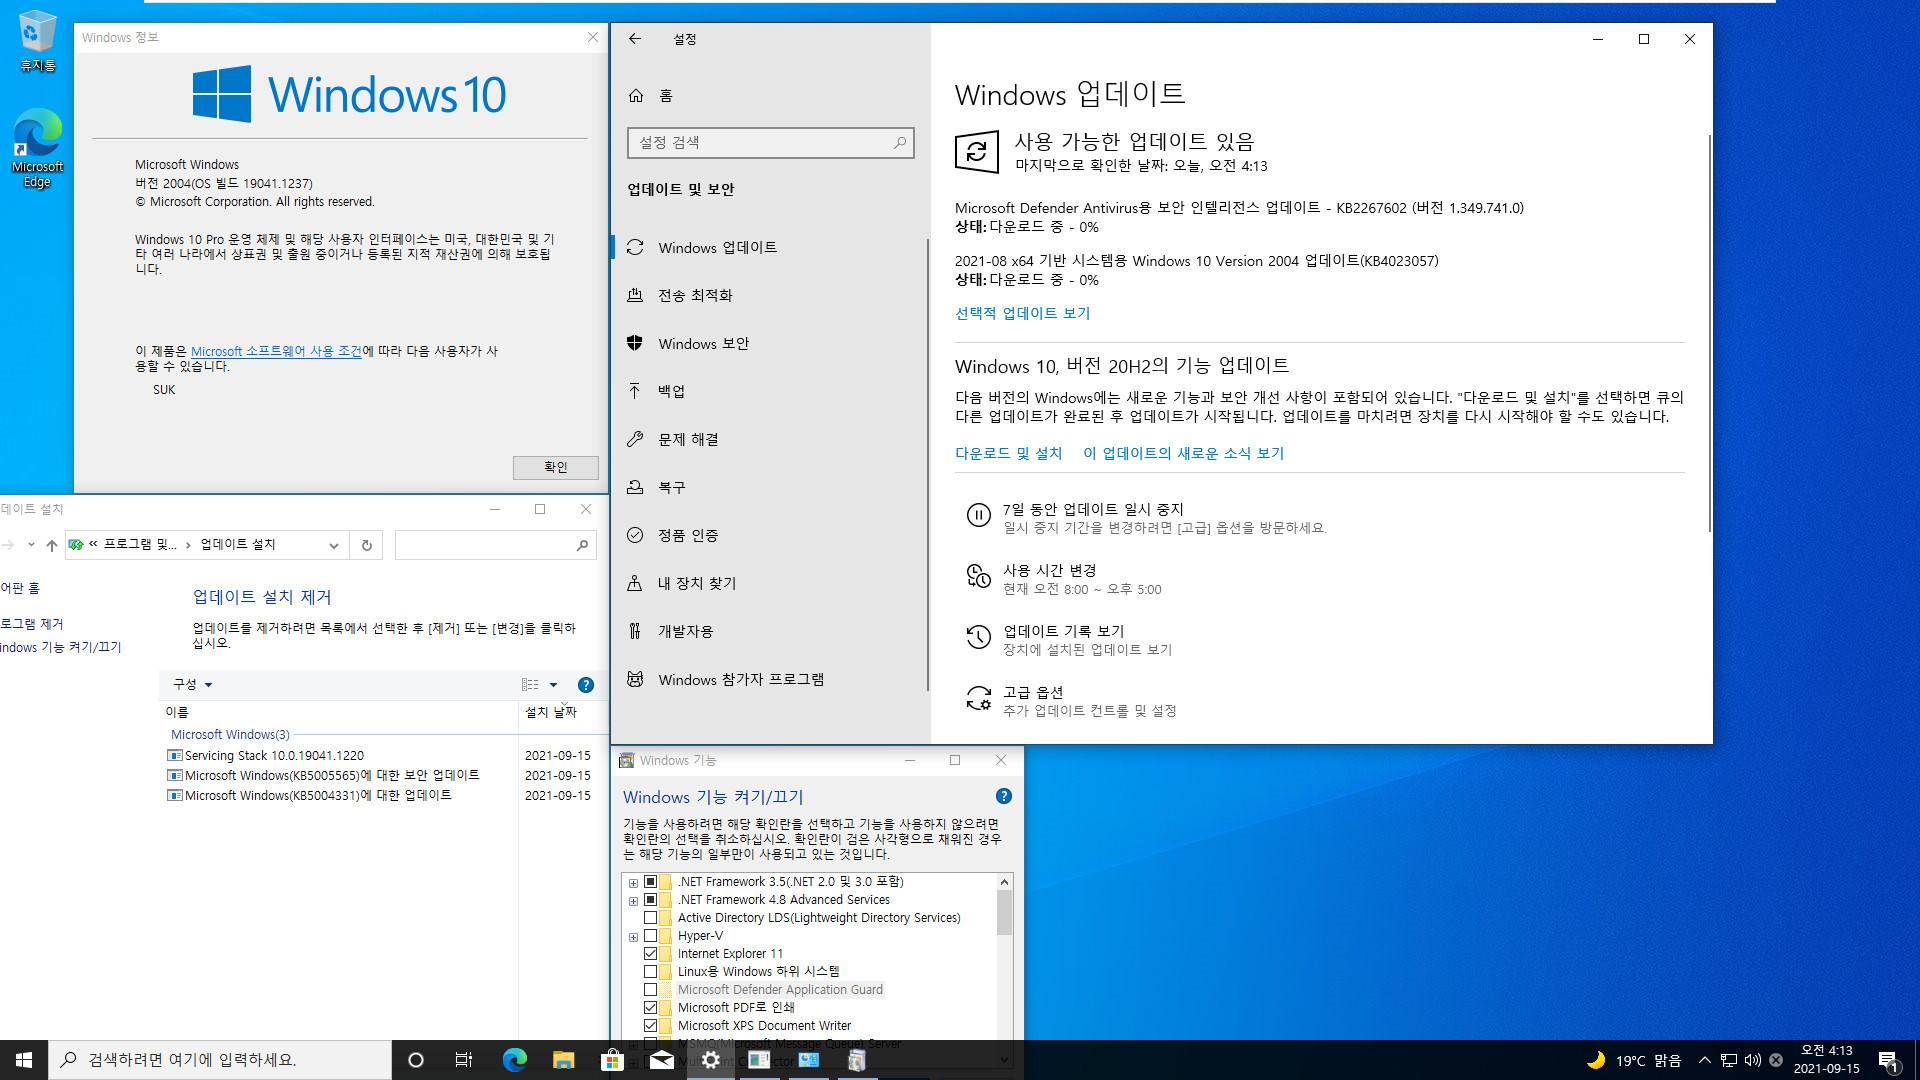 2021-09-15 정기 업데이트 - PRO x64 4개 버전 통합 - Windows 10 버전 2004, 빌드 19041.1237 + 버전 20H2, 빌드 19042.1237 + 버전 21H1, 빌드 19043.1237 + 버전 21H2, 빌드 19044.1237 - 공용 누적 업데이트 KB5005565 - 2021-09-15_041341.jpg